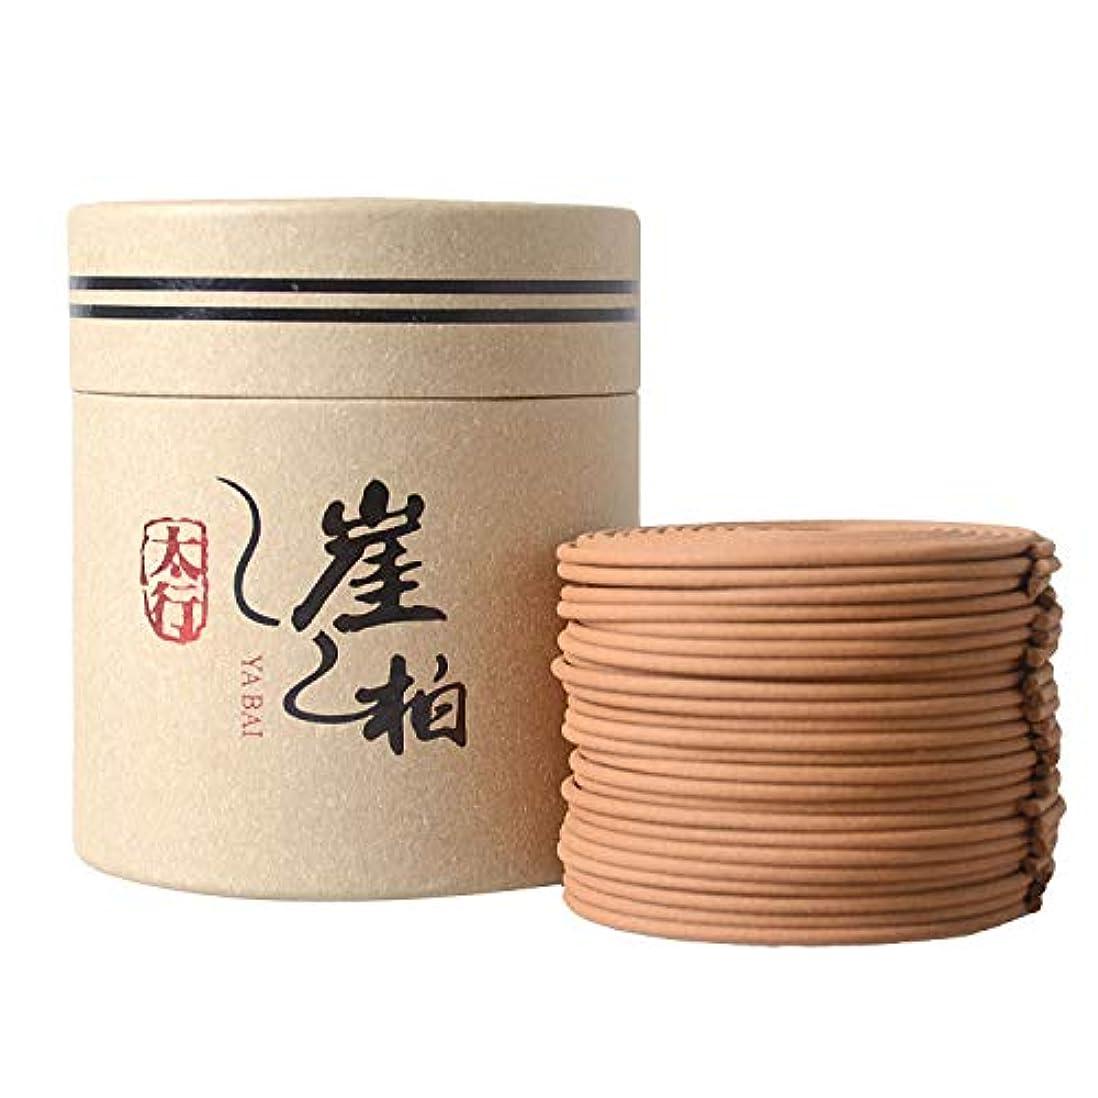 準備したスイお香 養心安神 渦巻きお香 お香アロマ インセンス 自然素材 48盤/箱